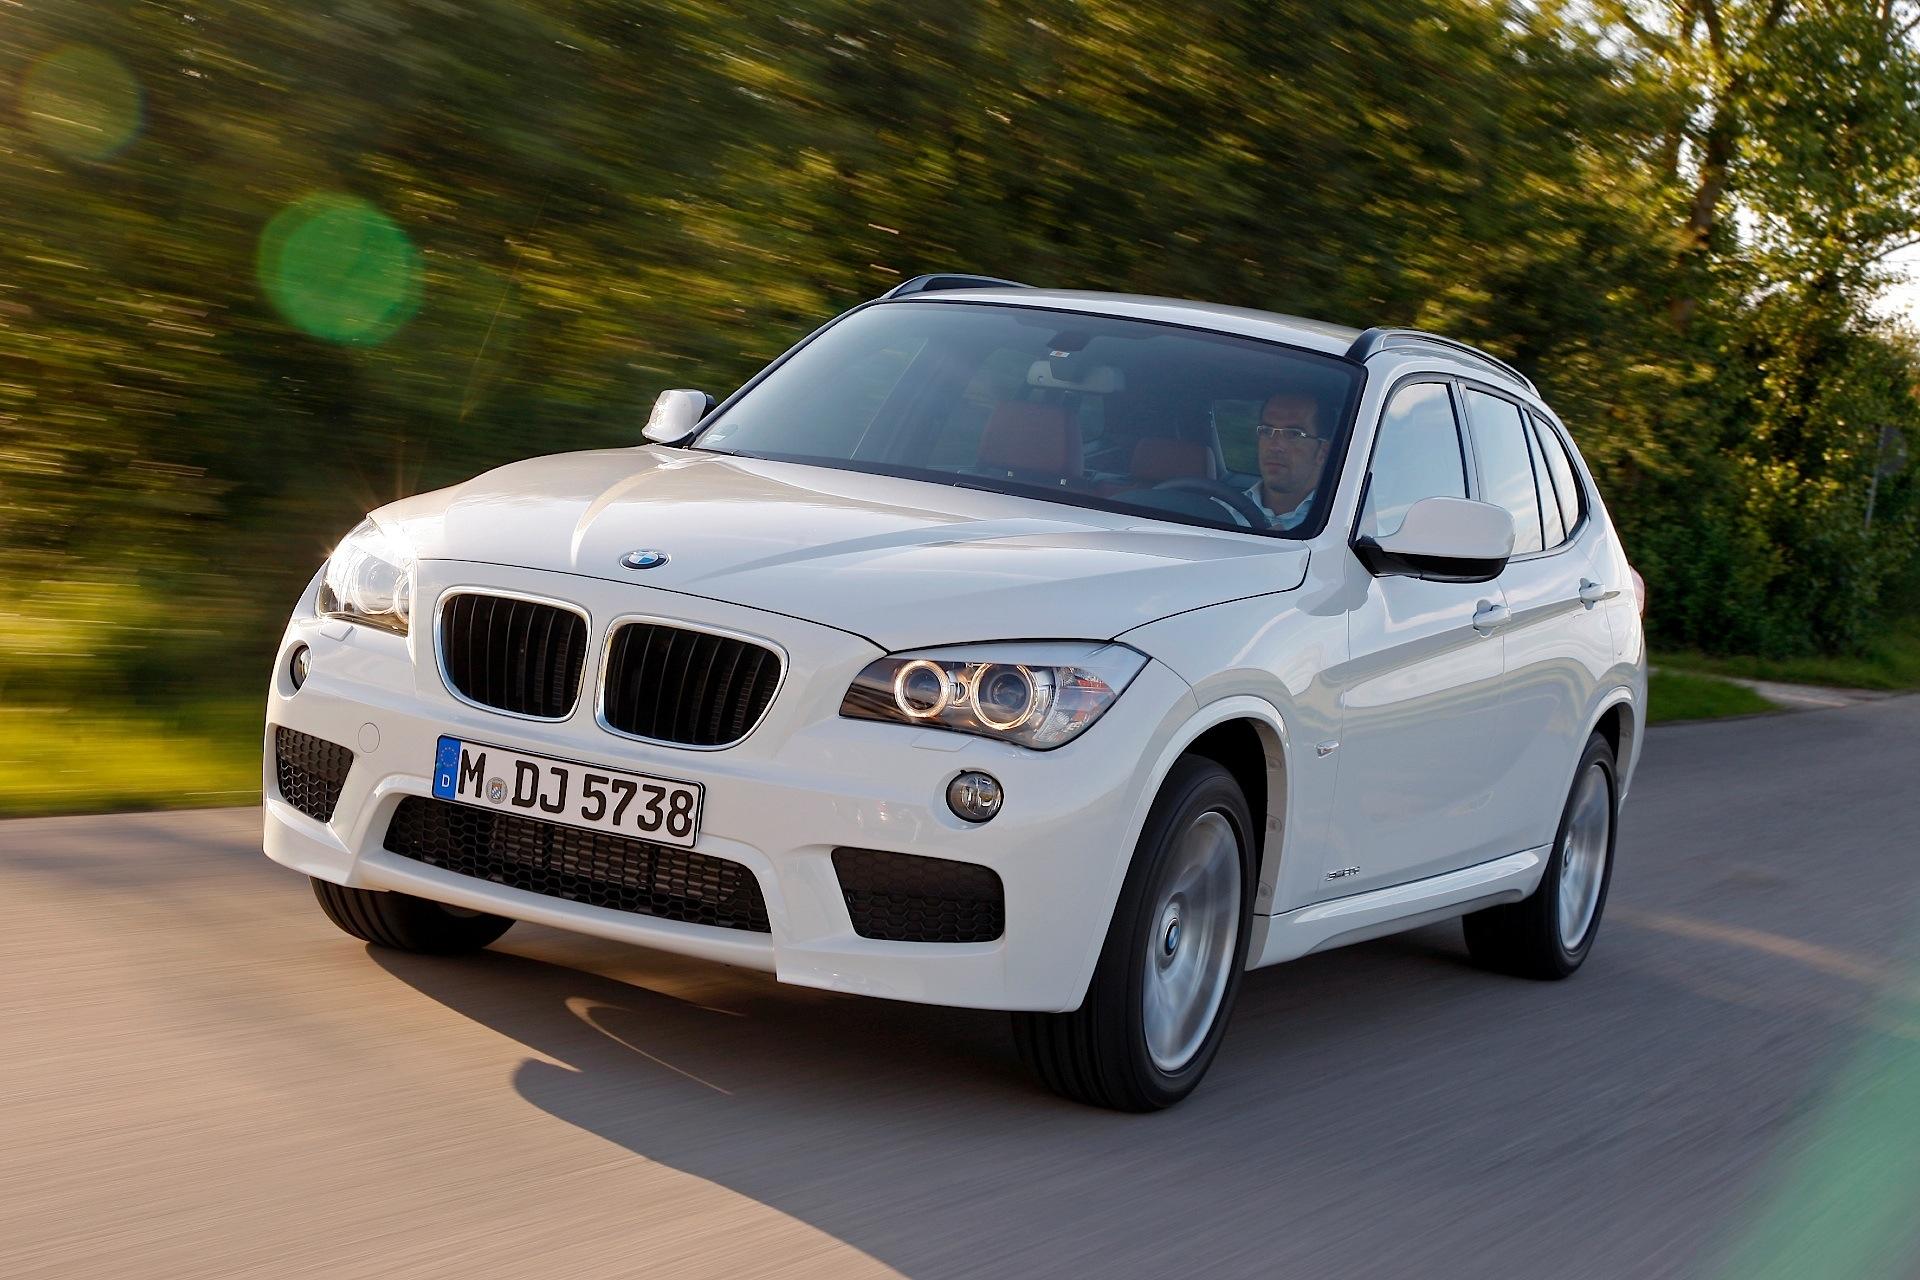 2015 Bmw X1 Xdrive28I >> BMW X1 specs & photos - 2009, 2010, 2011, 2012, 2013, 2014, 2015, 2016 - autoevolution